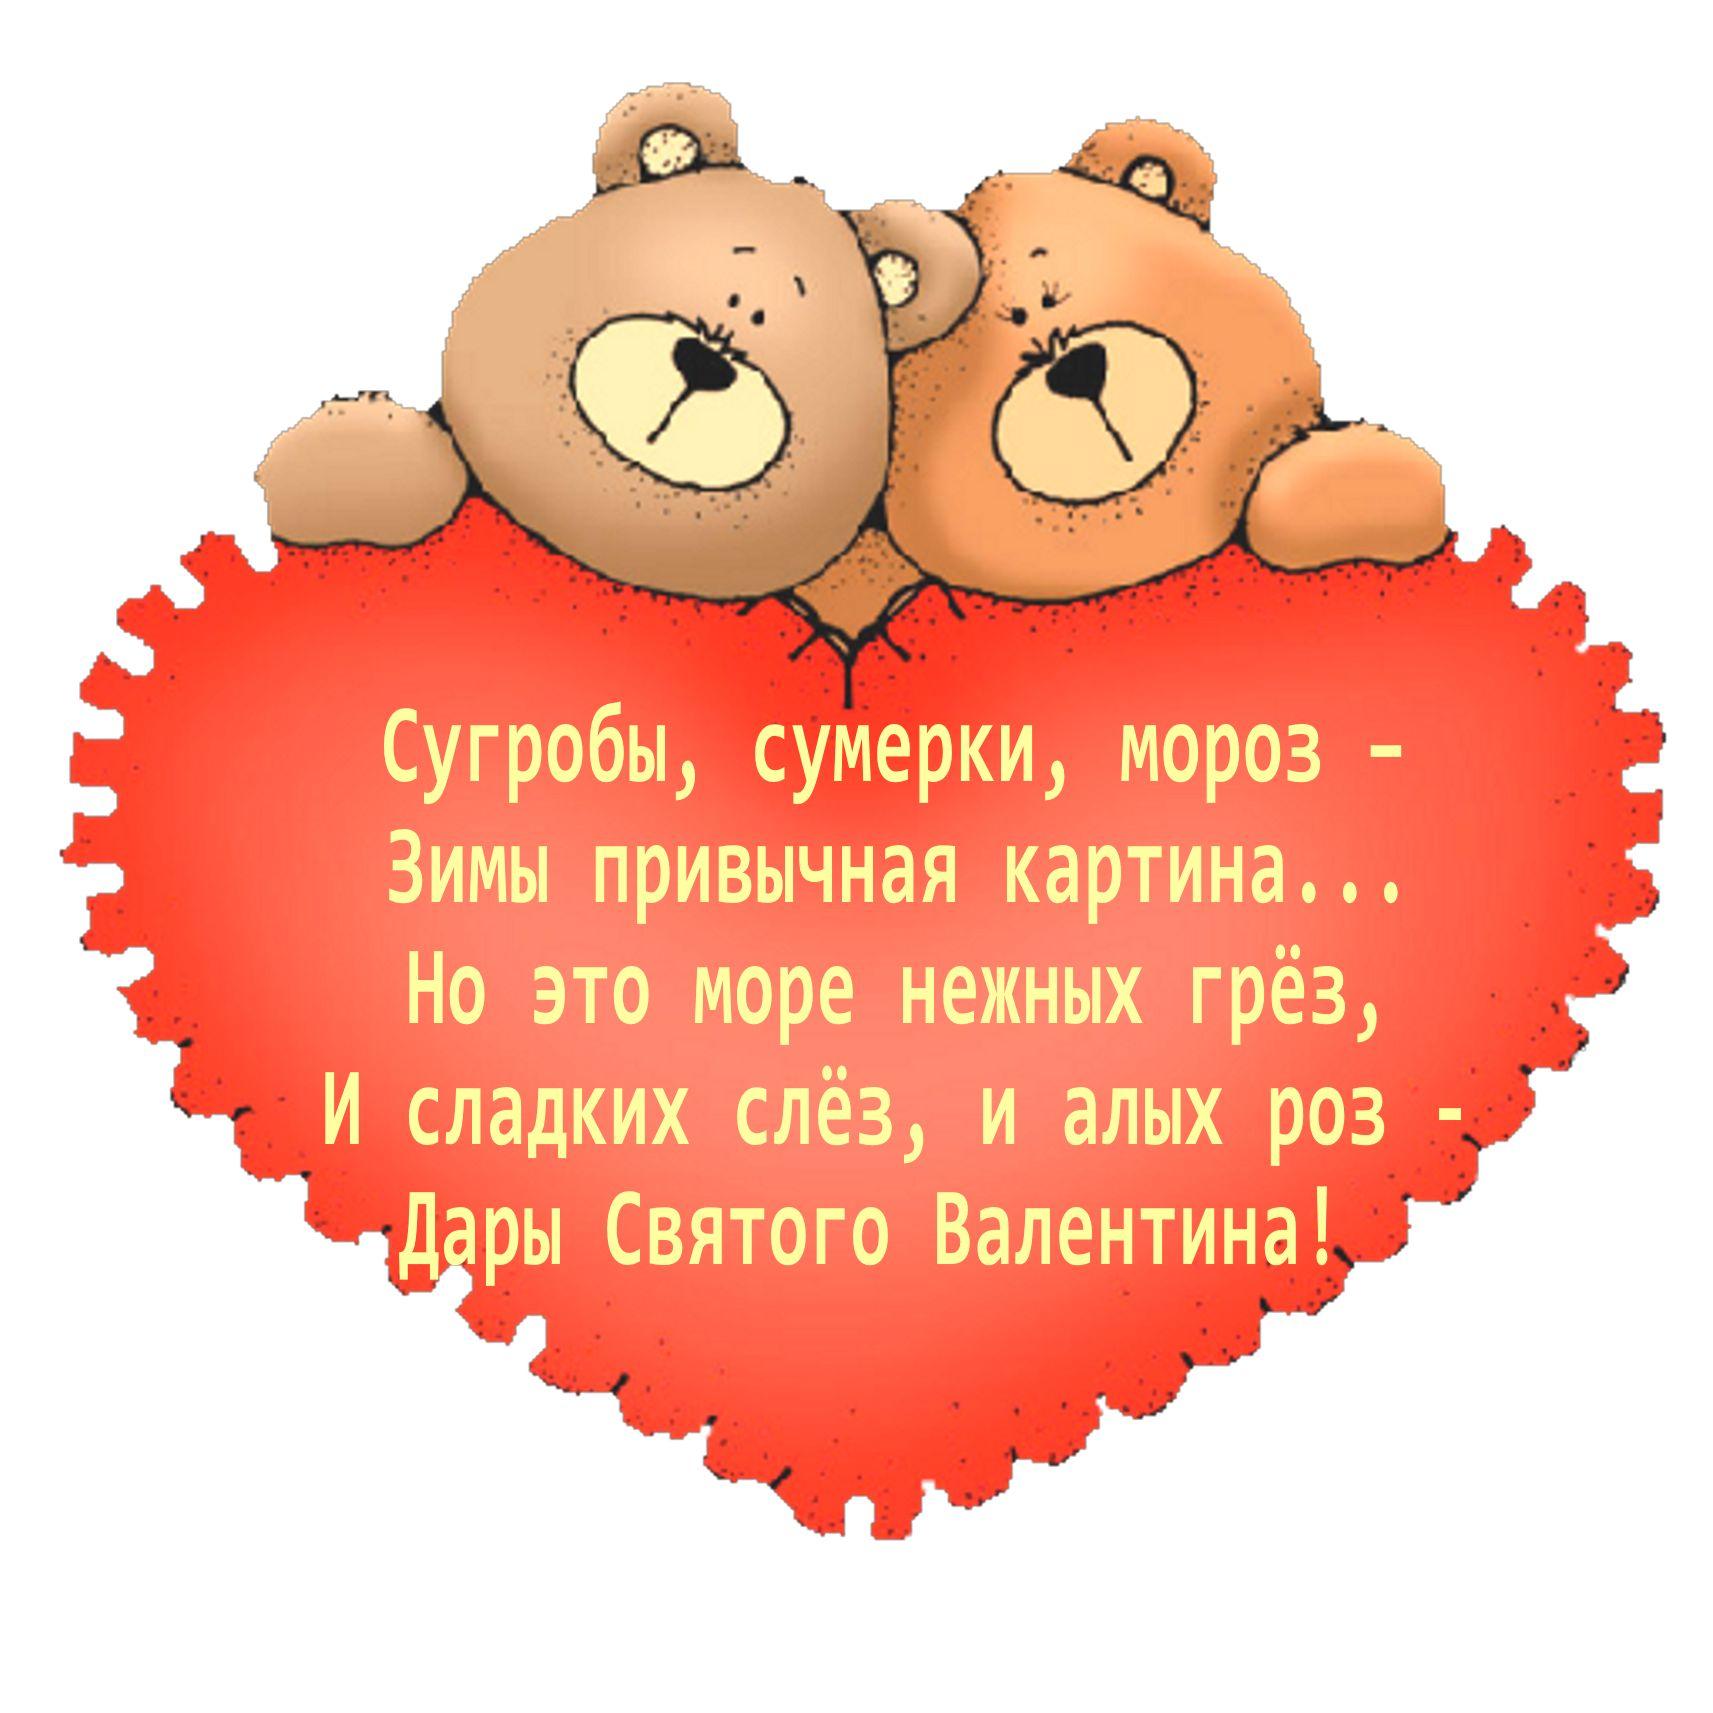 Поздравления с днем Святого Валентина 2017 44